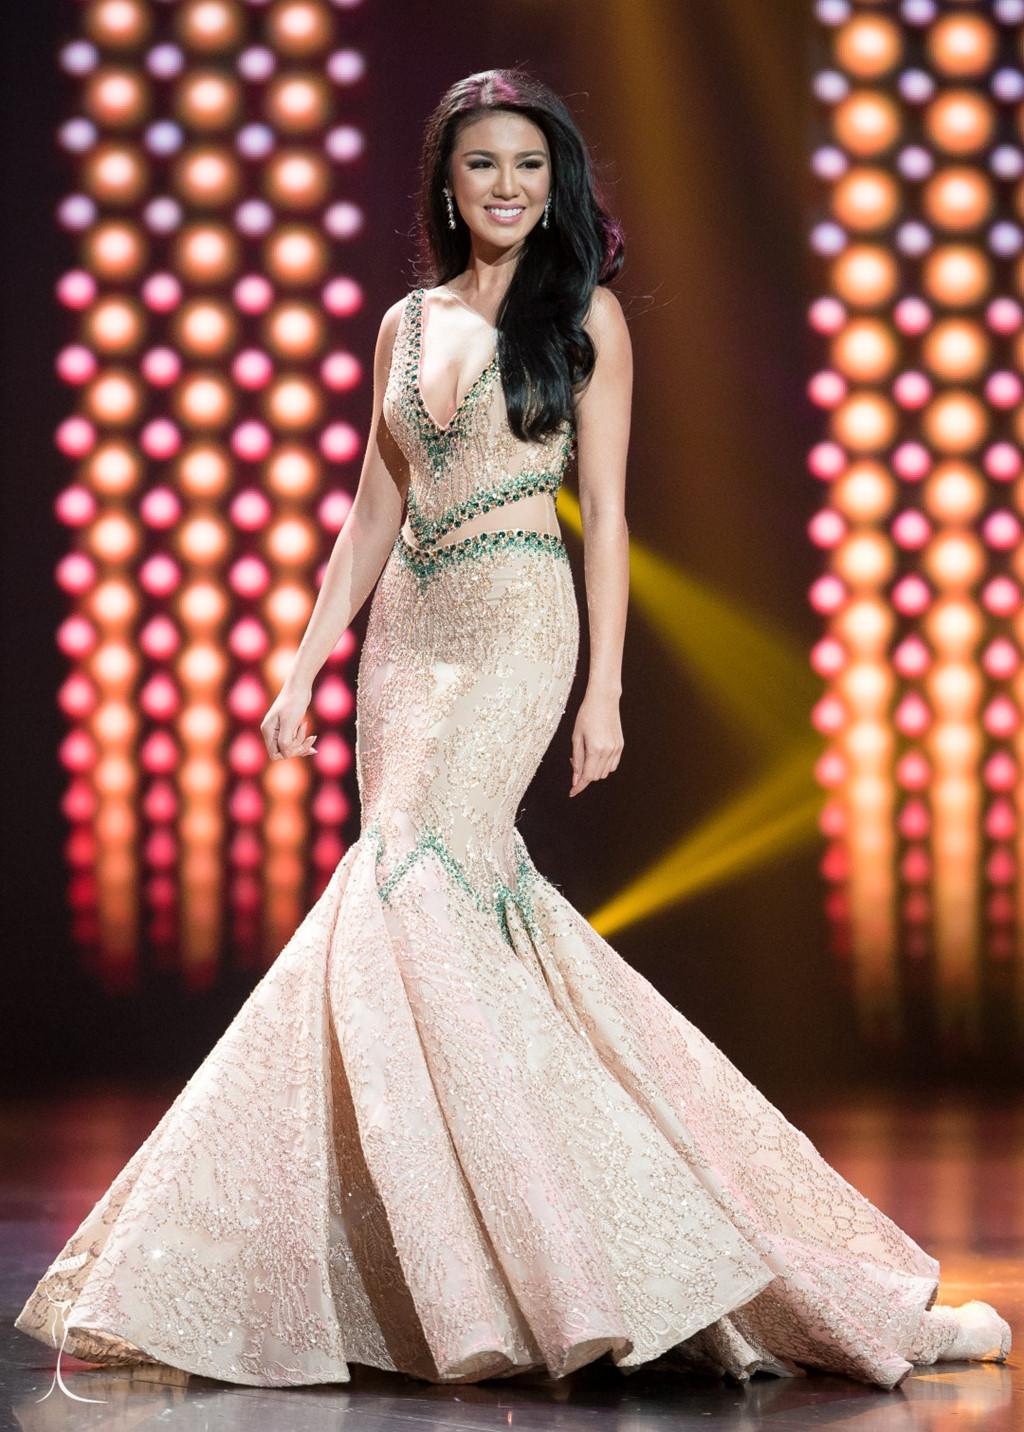 Nhìn lại khoảnh khắc đáng nhớ nhất đêm chung kết Miss Grand International 2017-9